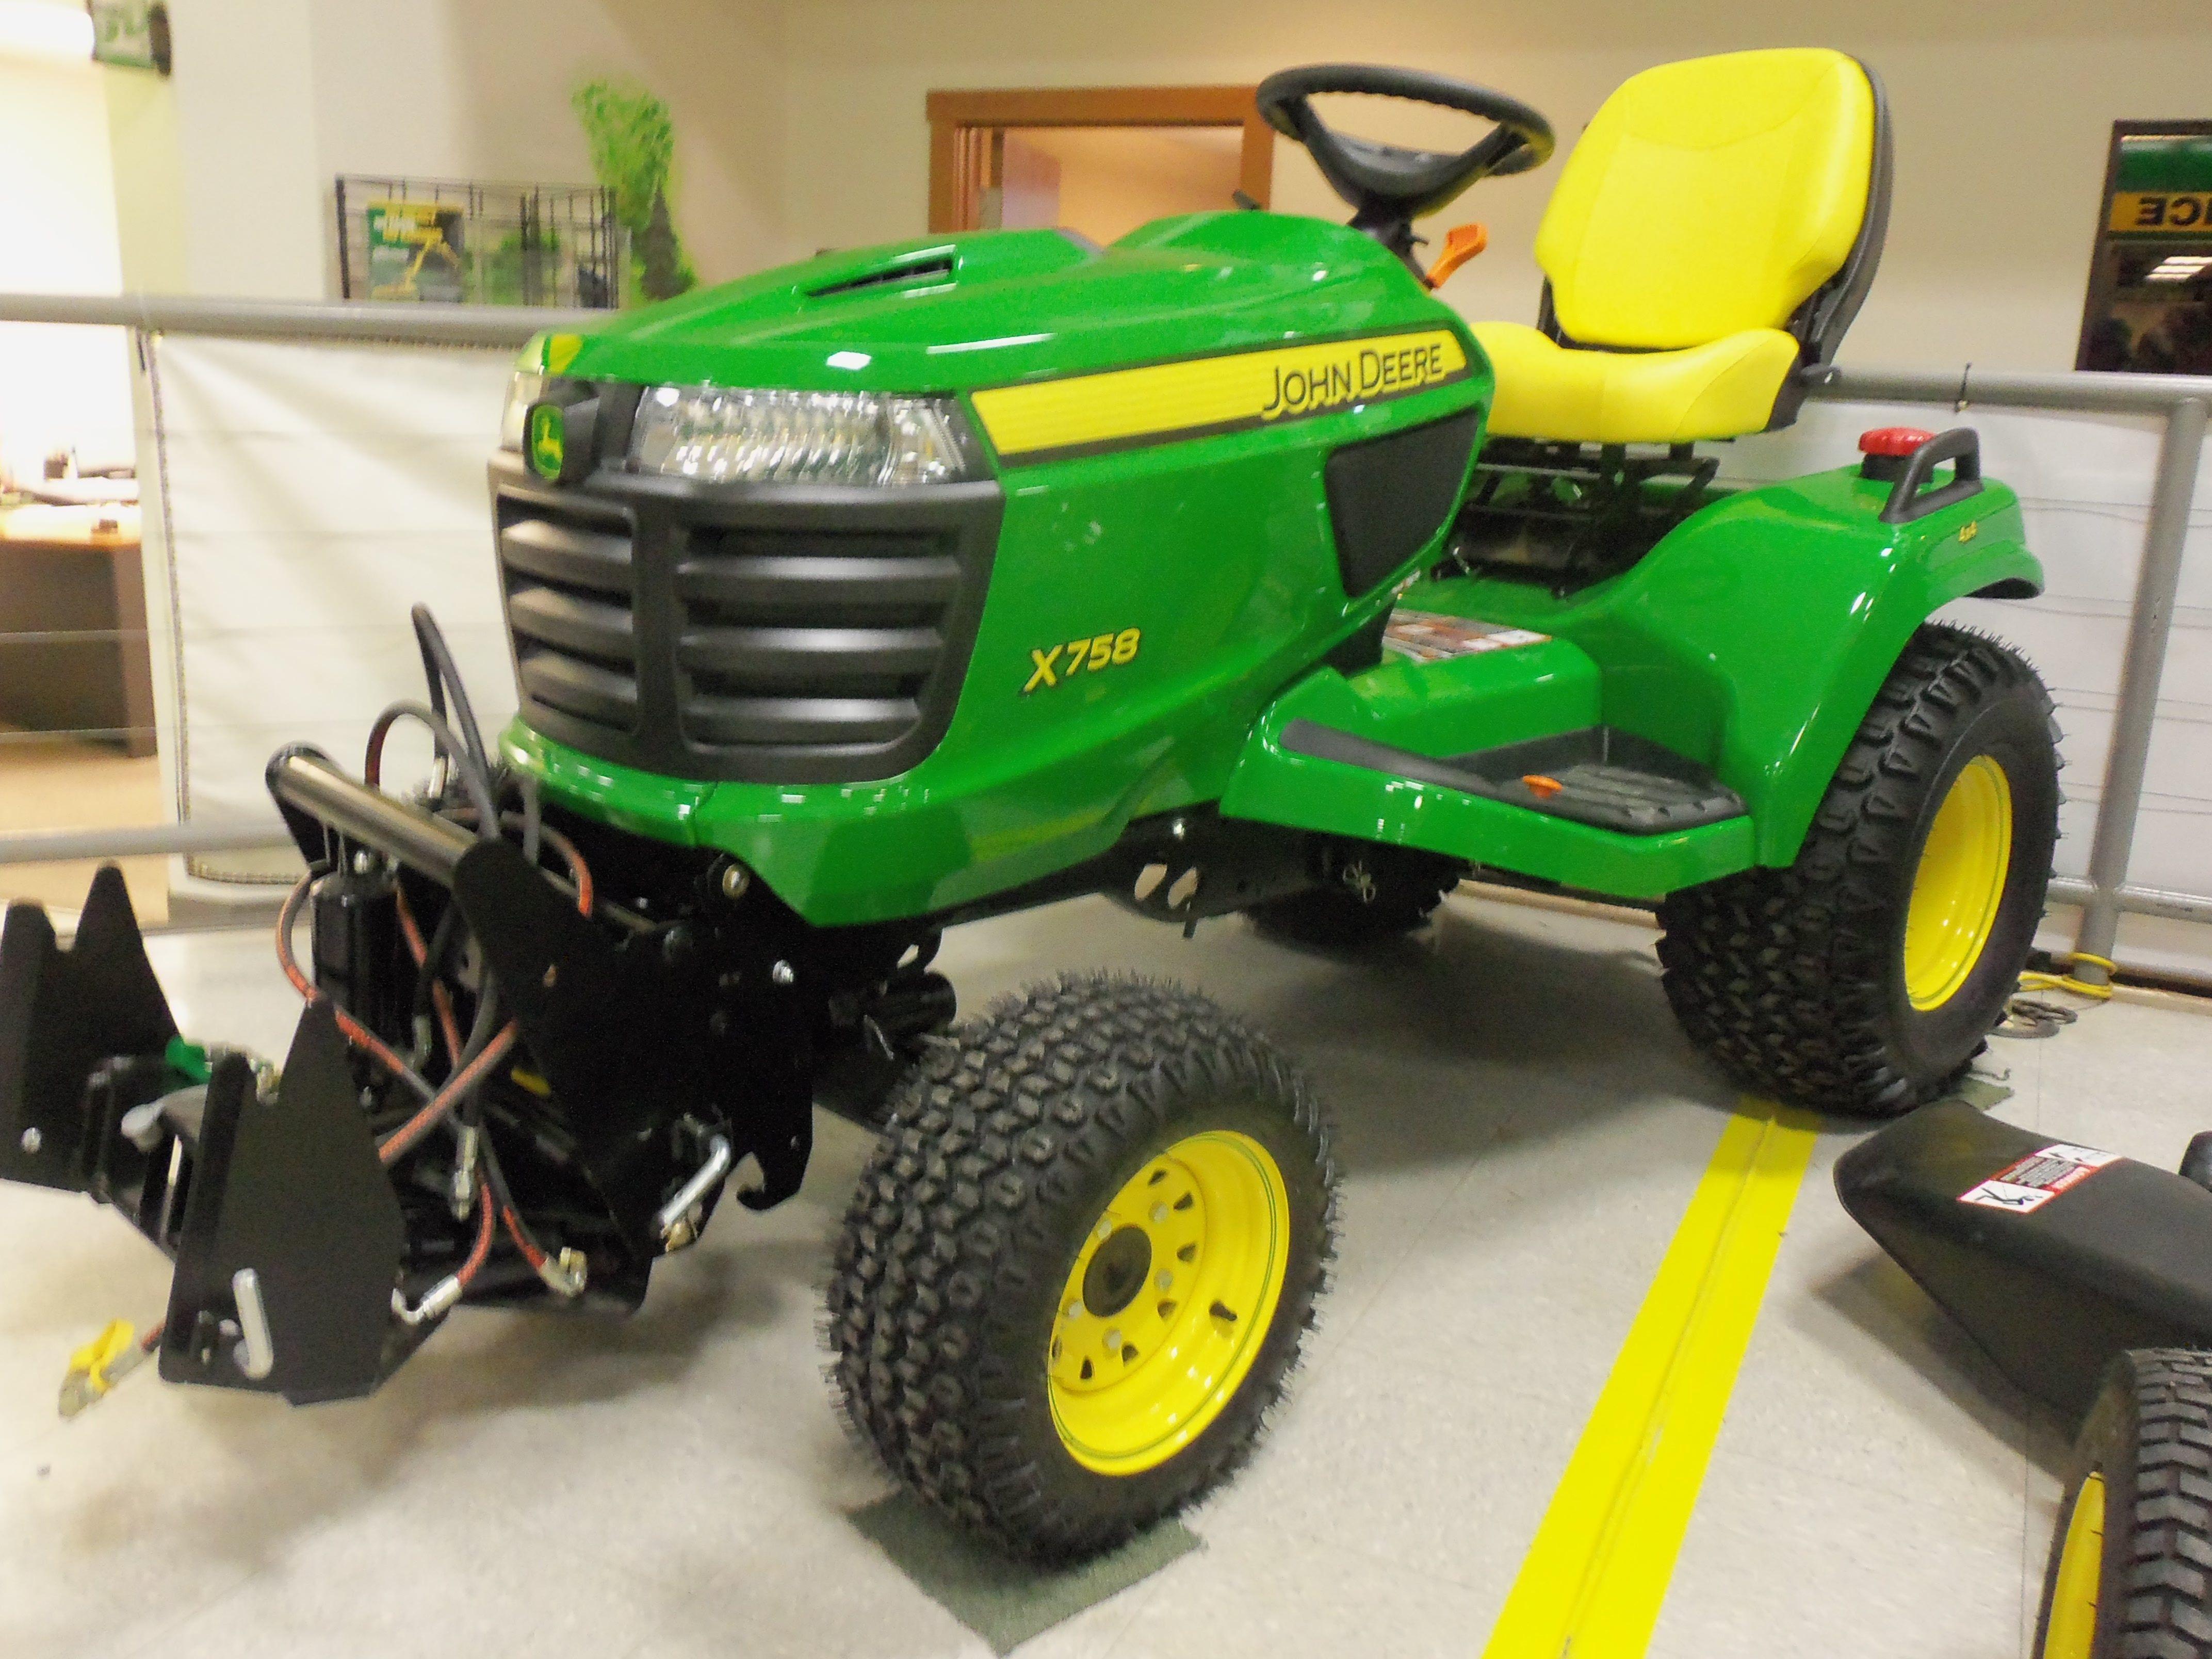 John Deere X758 garden tractor 24hp 60 cid sel 1 258 lbs from